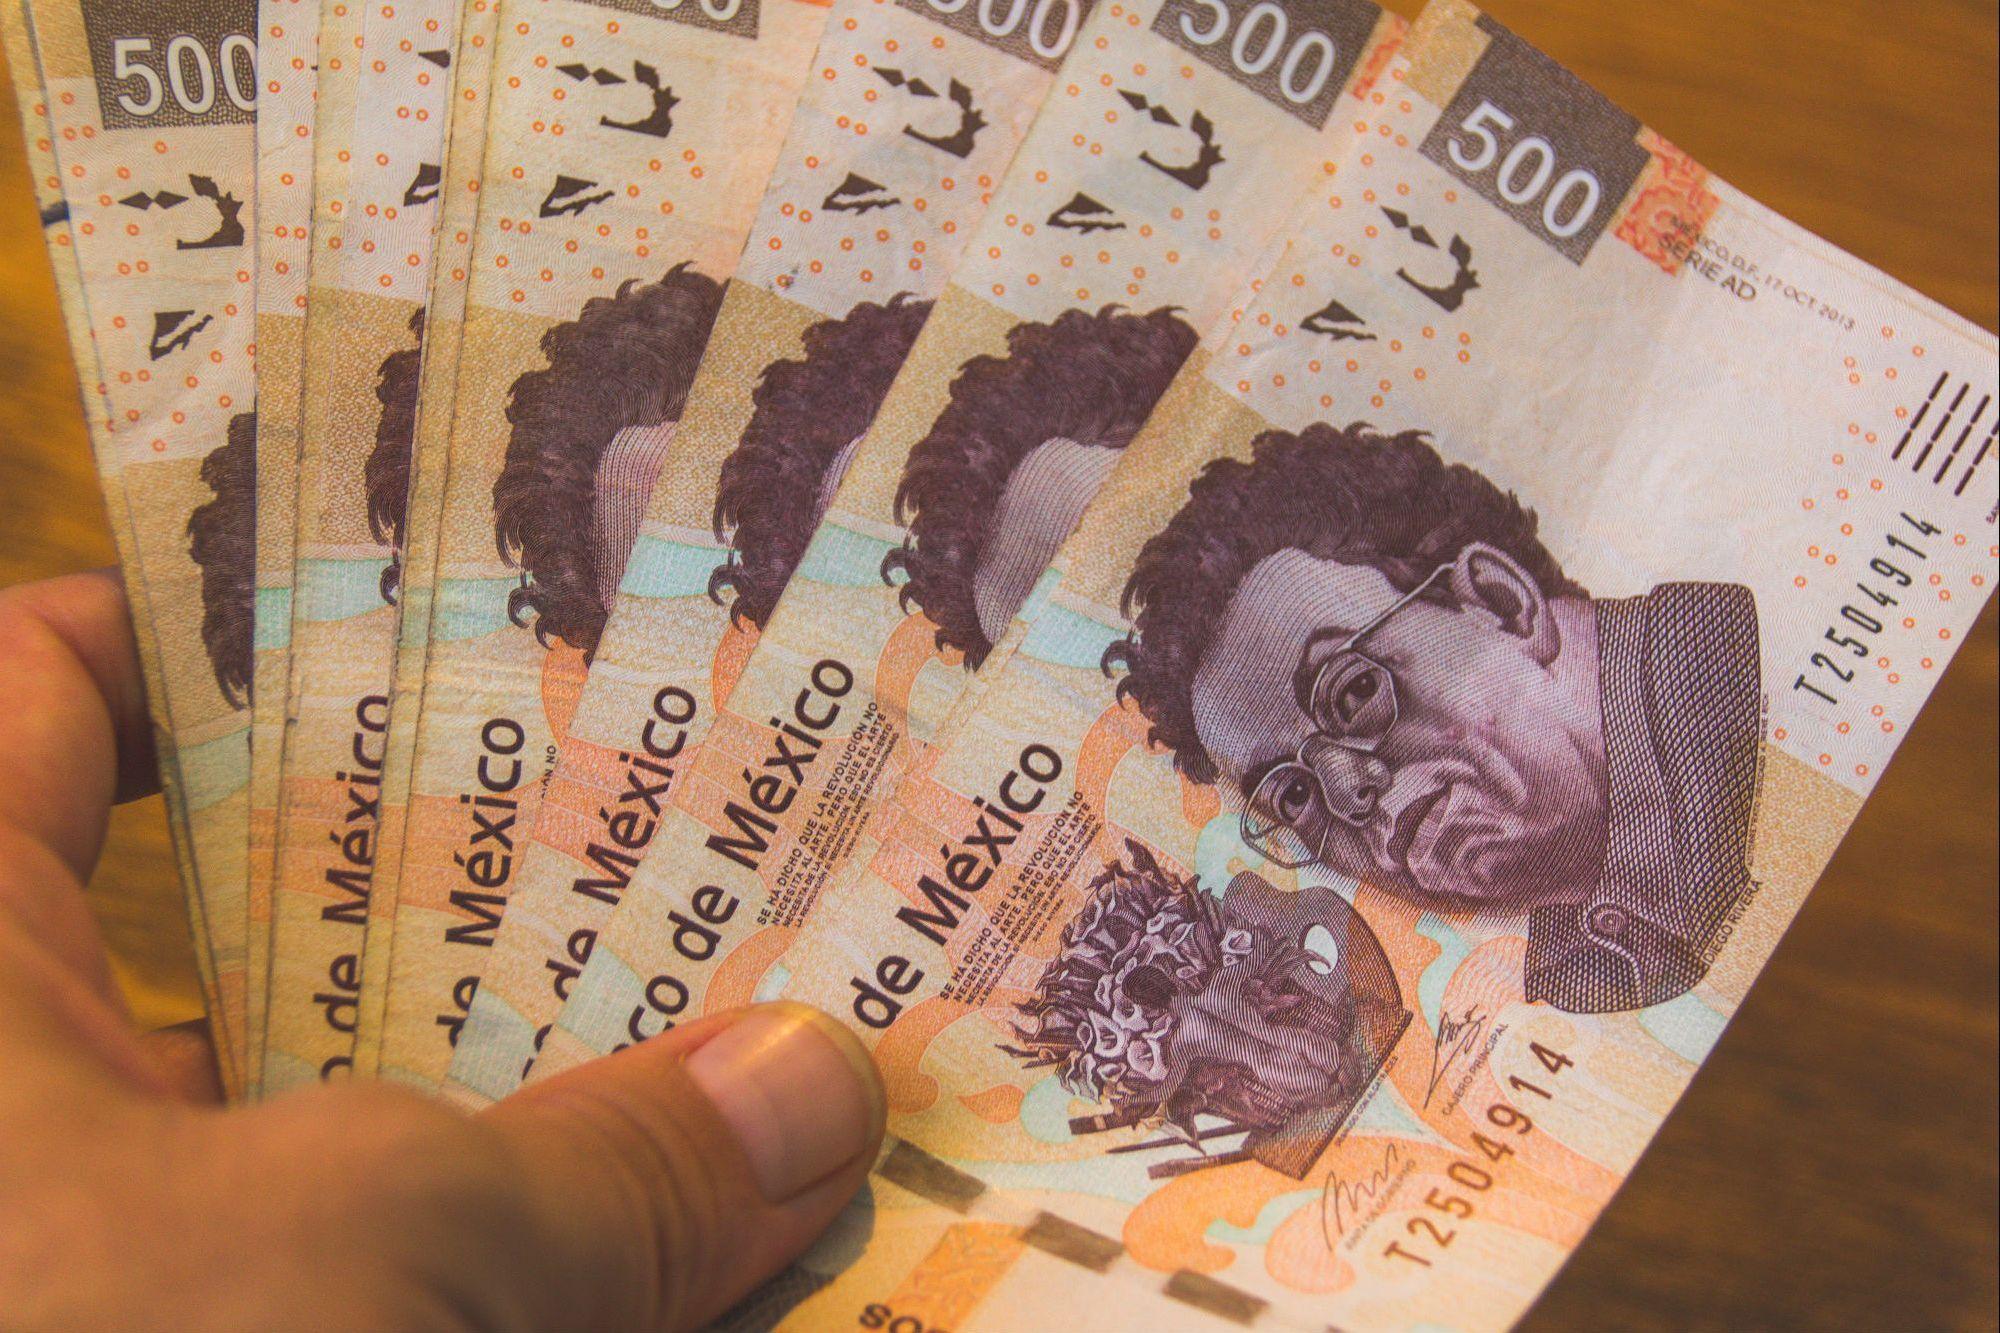 20190930160824-BilletesMexicanos